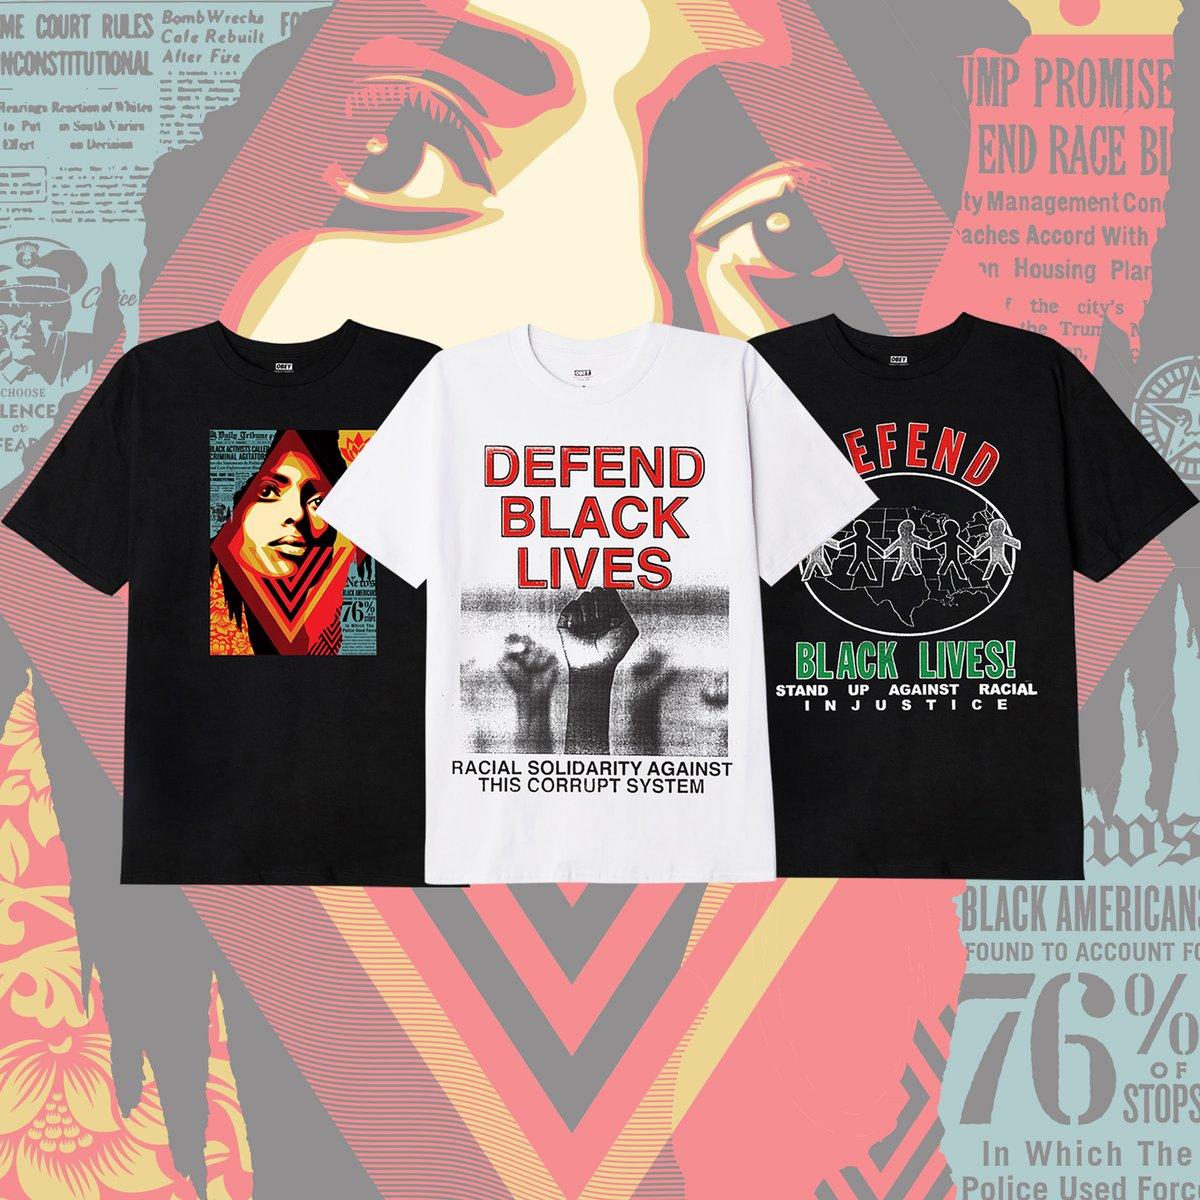 DEFEND BLACK LIVES